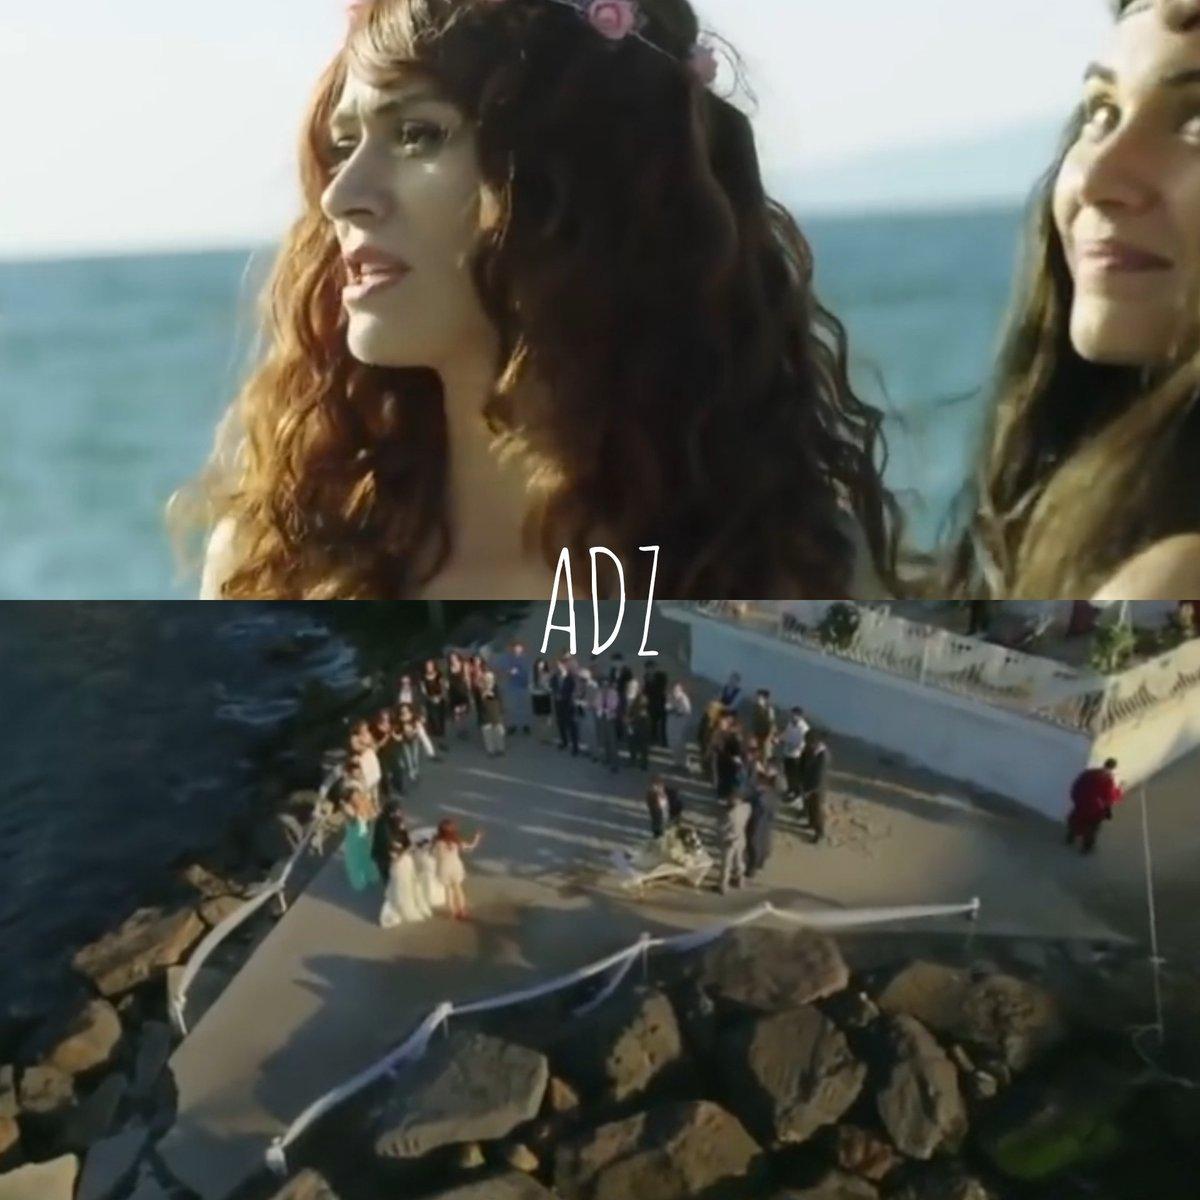 -ADZ- [en una relación] [al fin]'s photo on POR SIEMPRE KPA